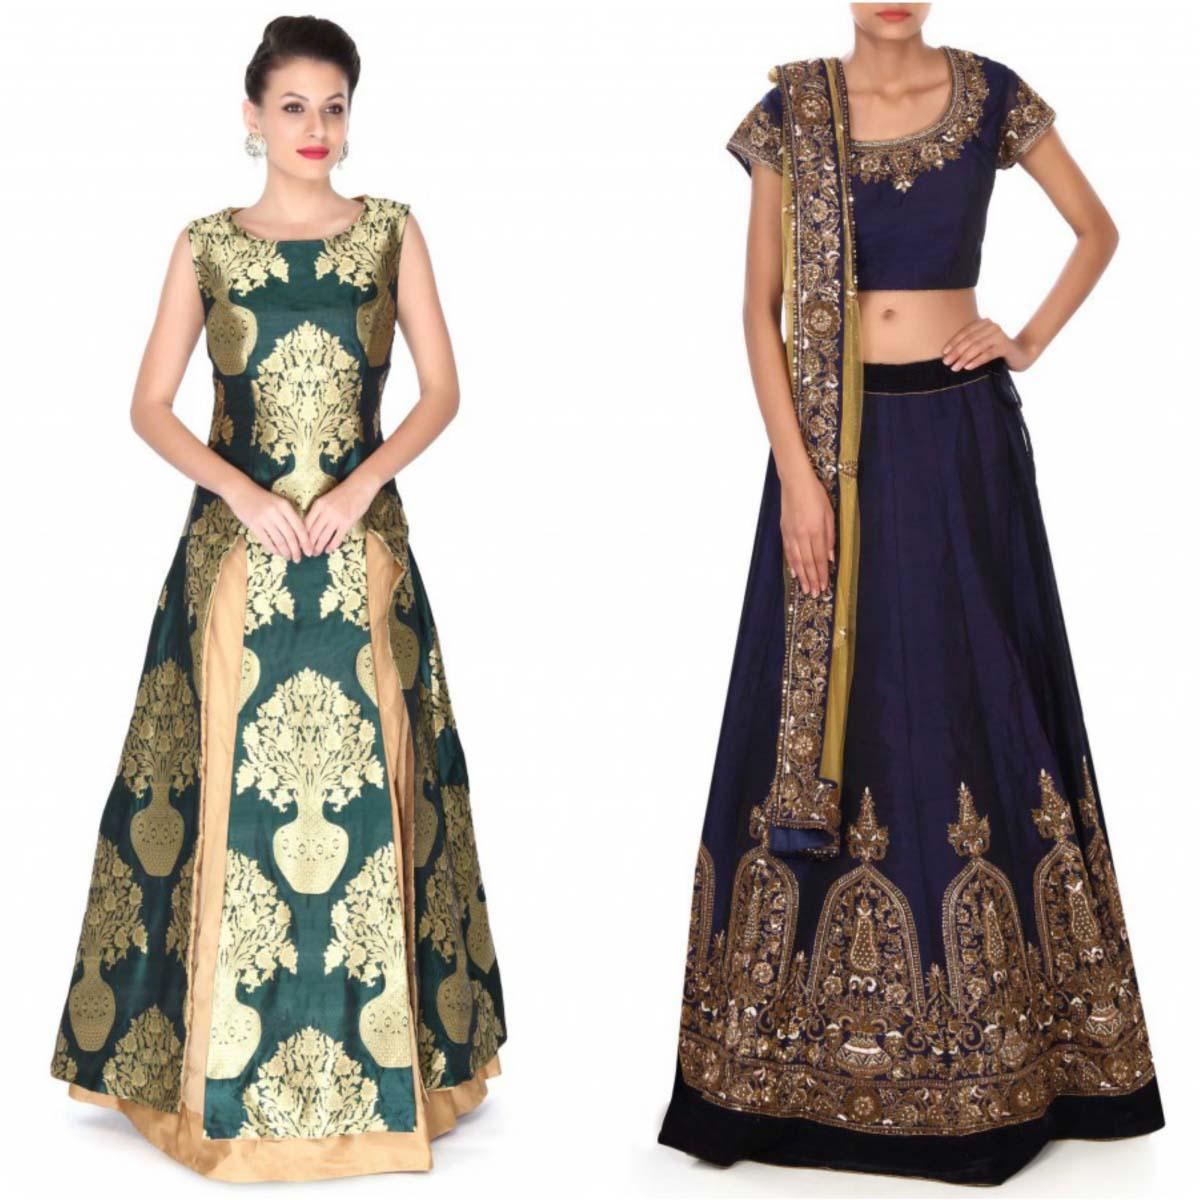 indian-bridal-mehndi-and-sangeet-lehenga-designs-2017-2018-by-kalki-fashion-6